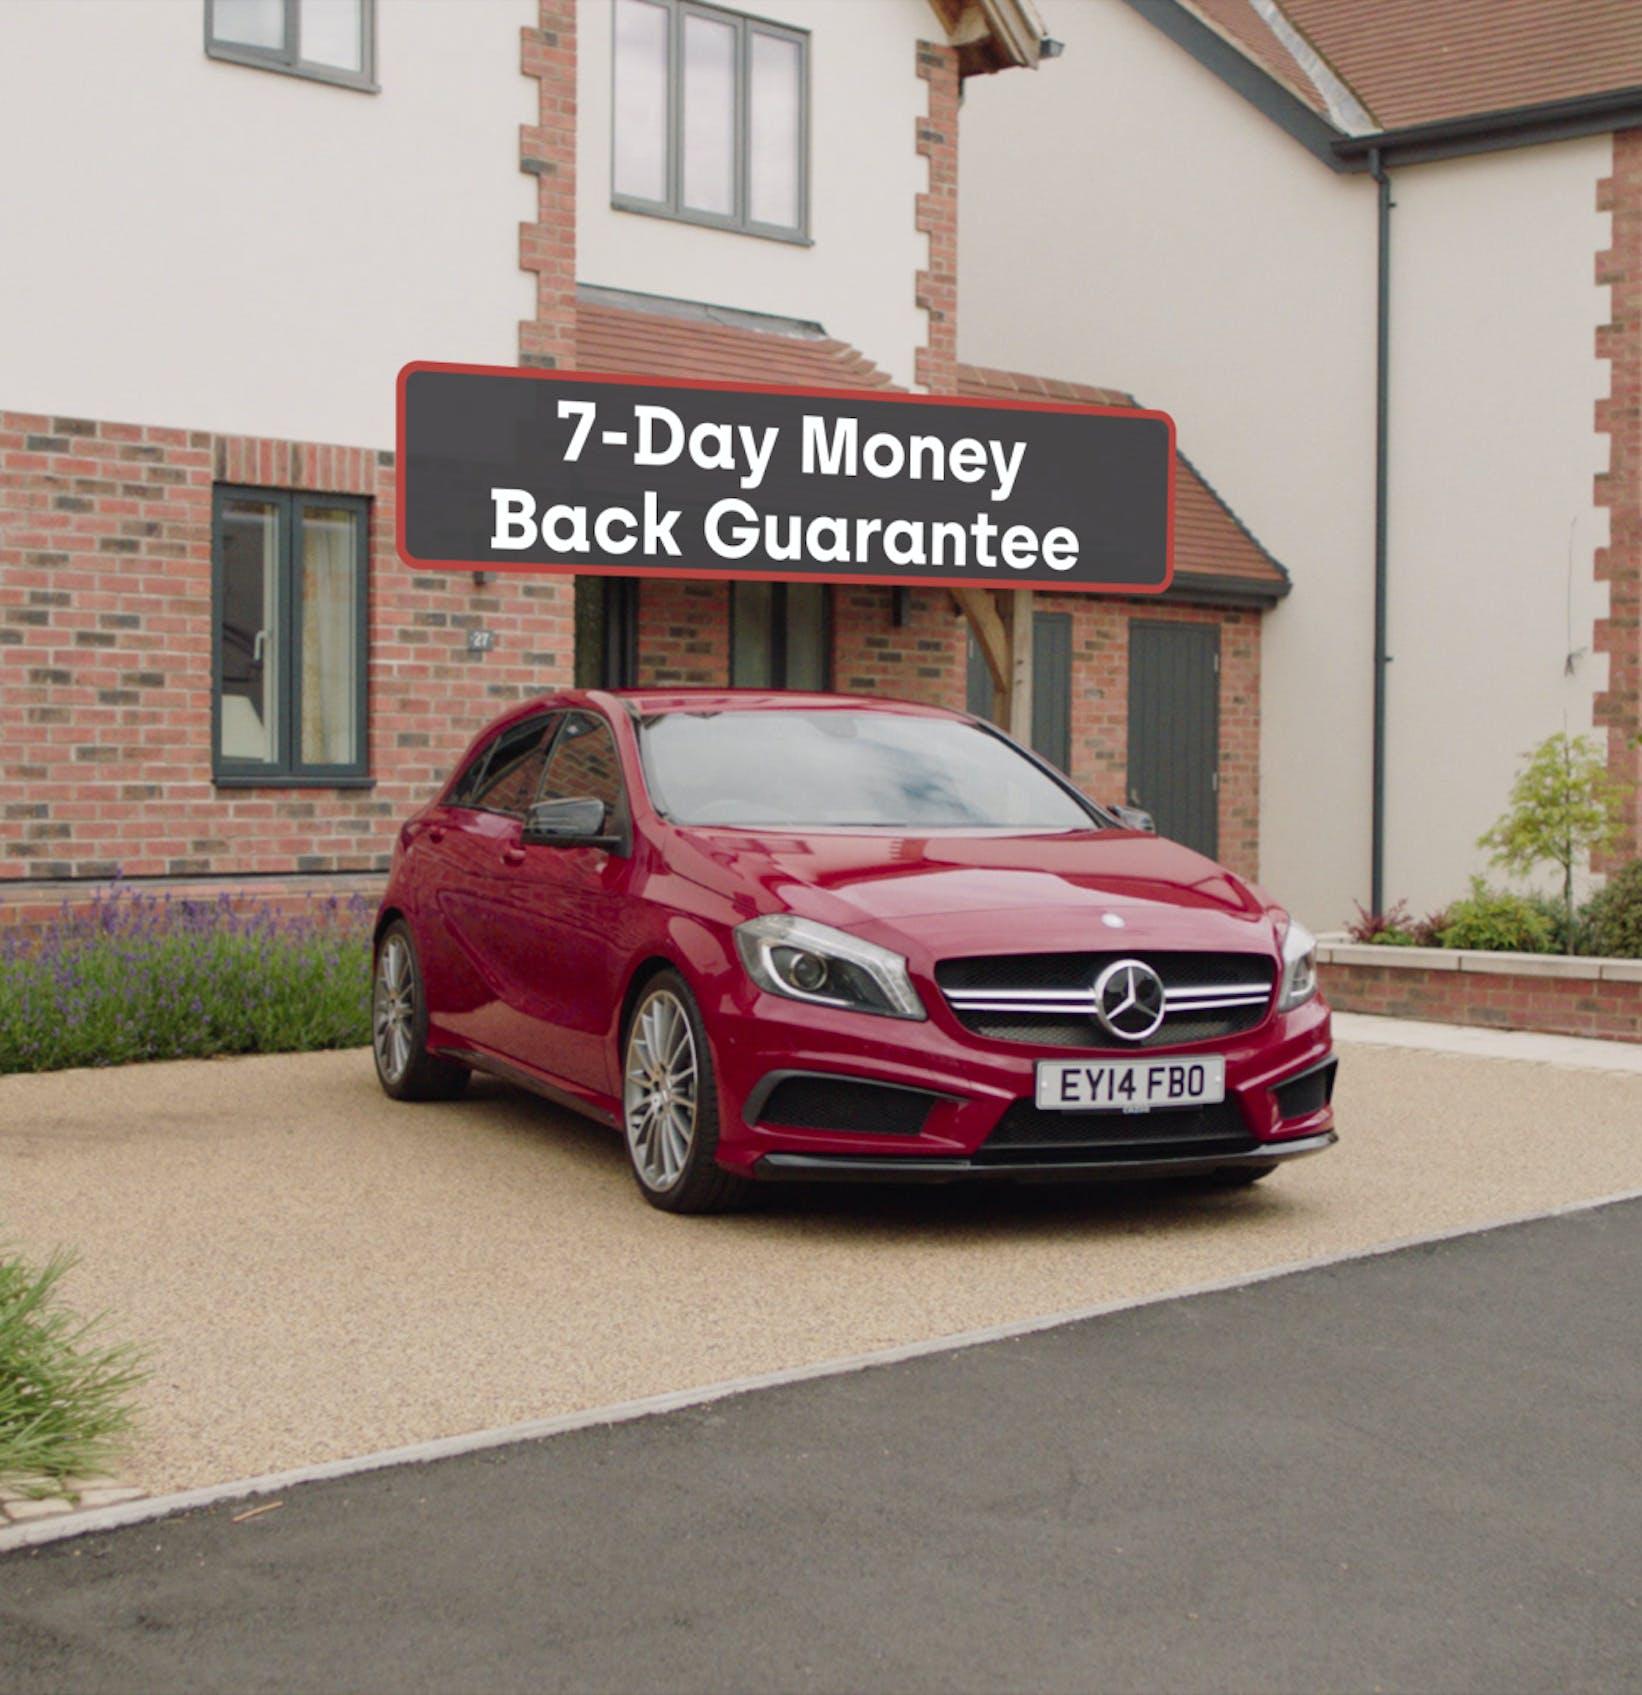 Cazoo 7-Day Money Back Guarantee